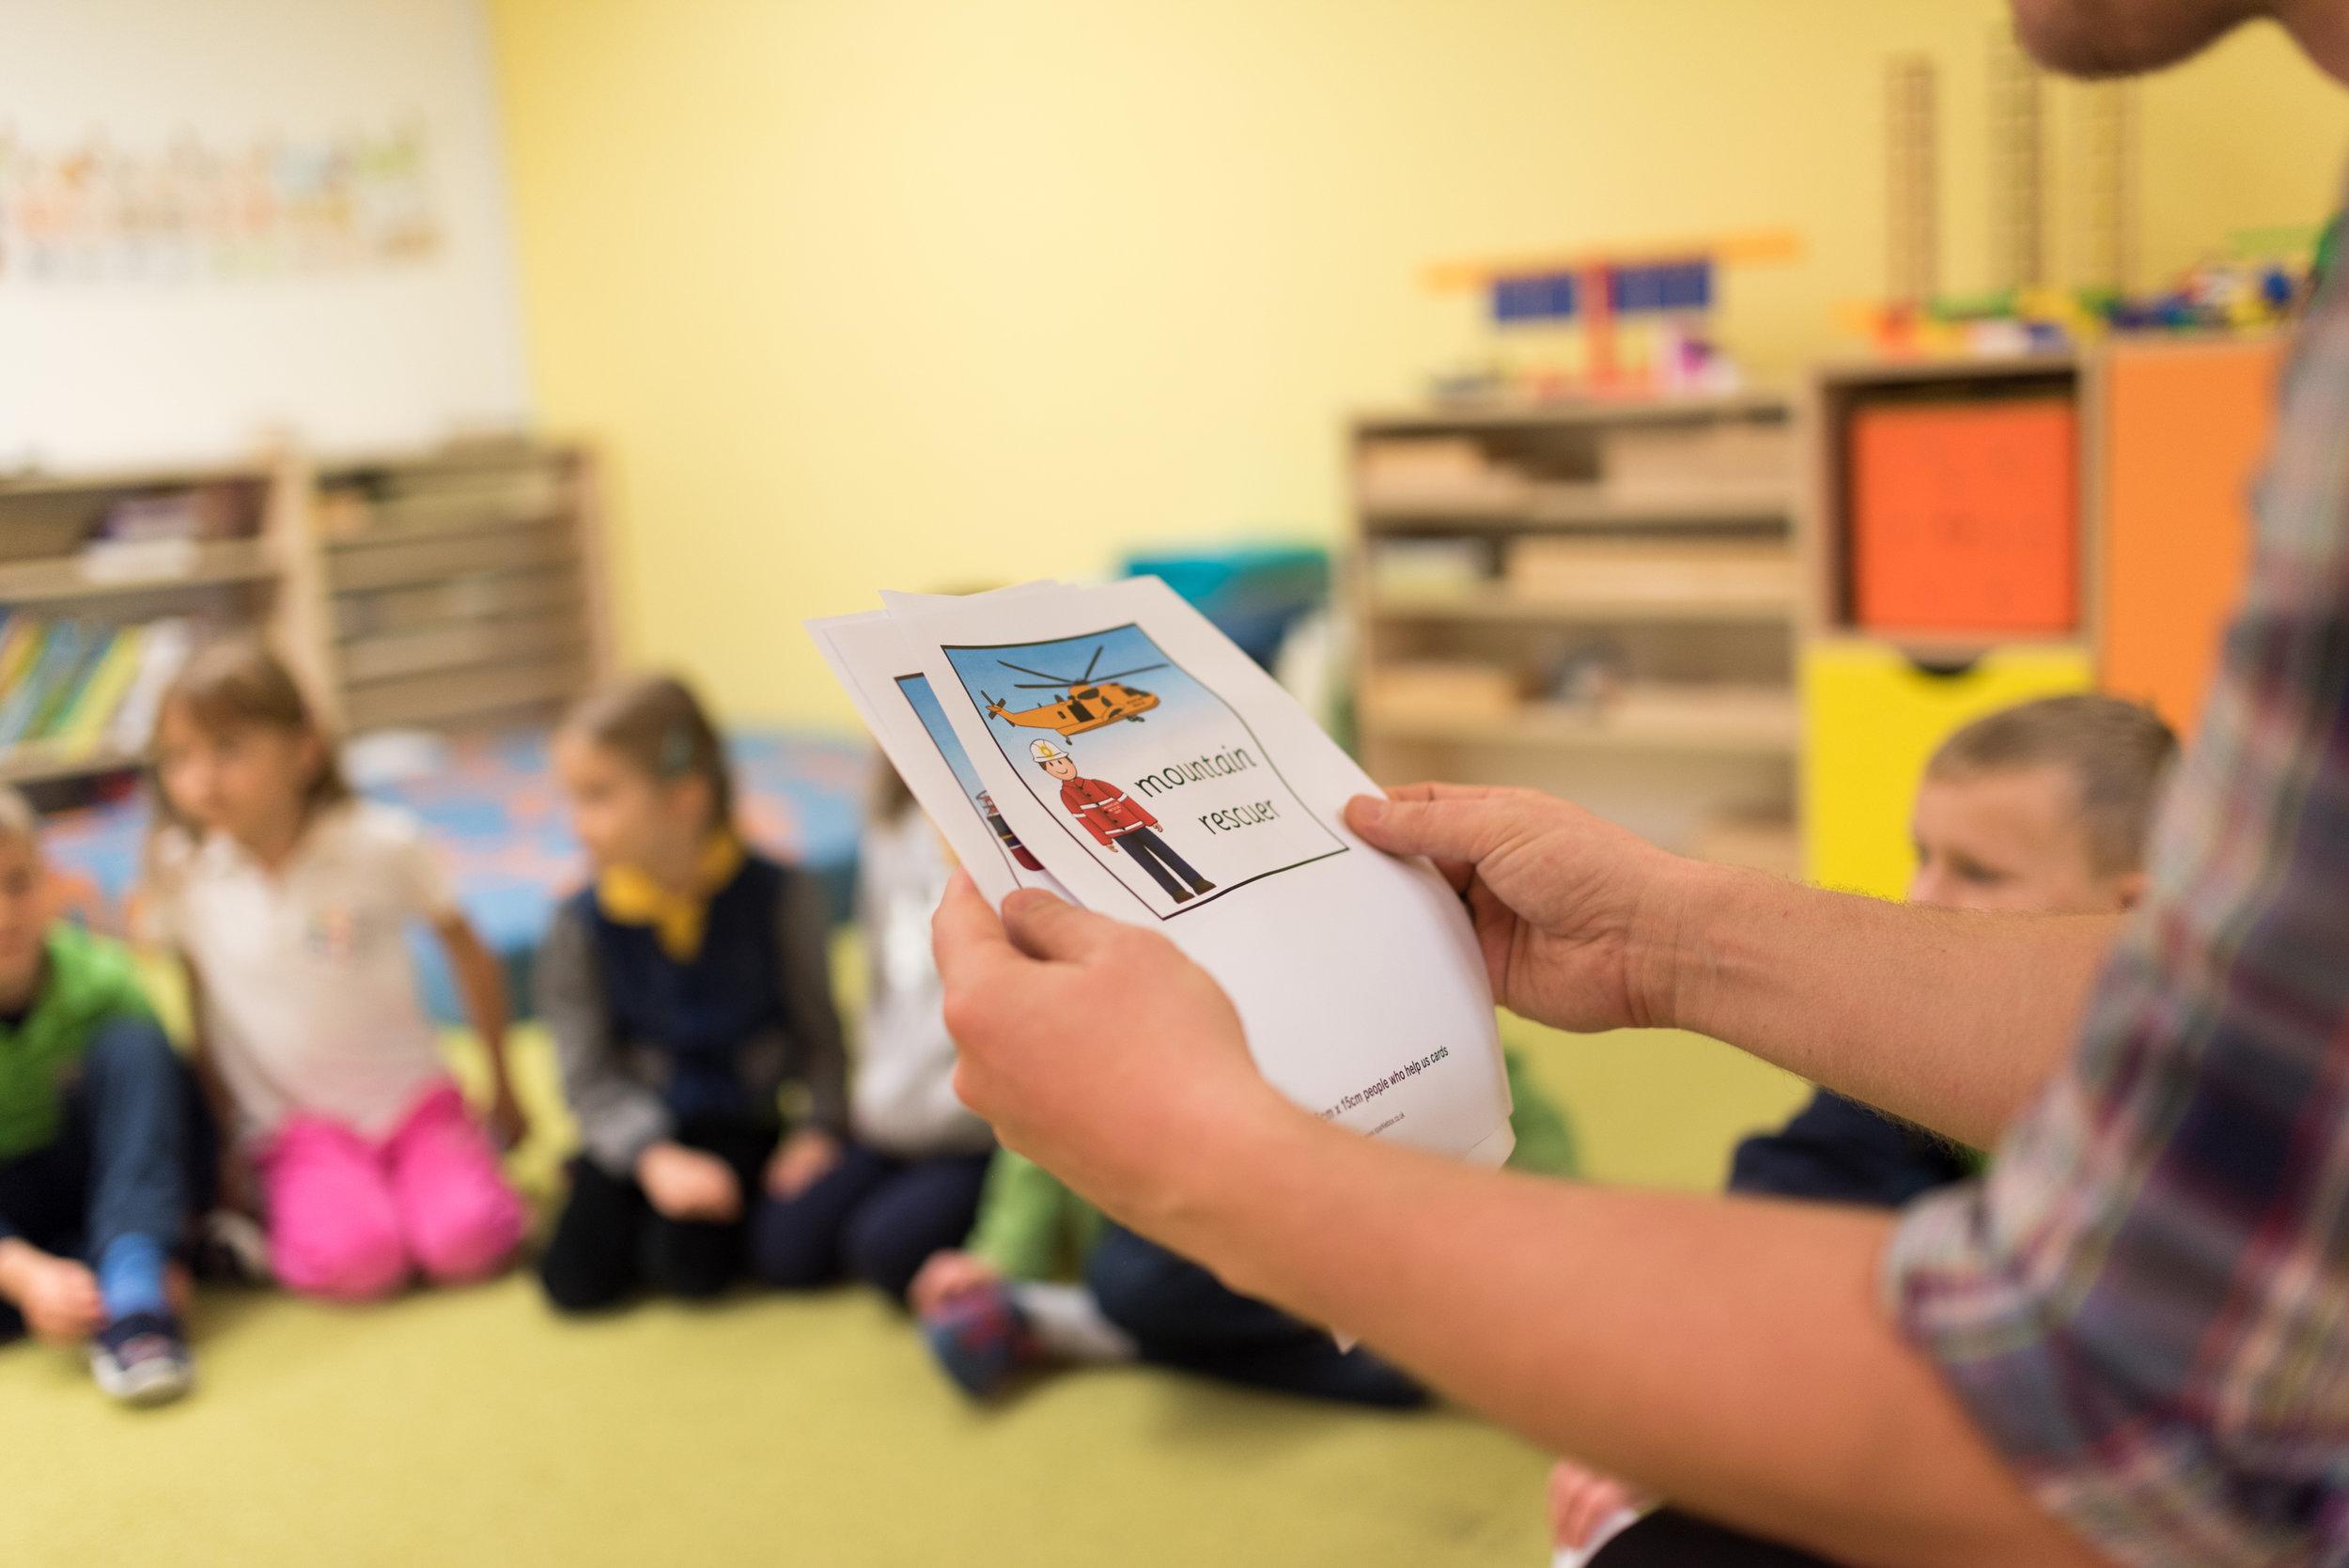 """Kvalifikovaný personál - V materskej škole pracujú pedagogickí pracovníci, ktorí sú školení, aby sa stali sprievodcami detí v duchu hesla: """"Pomôž mi, aby som to dokázal sám."""" Úzko spolupracujeme s logopédom, psychológom a špeciálnym pedagógom."""